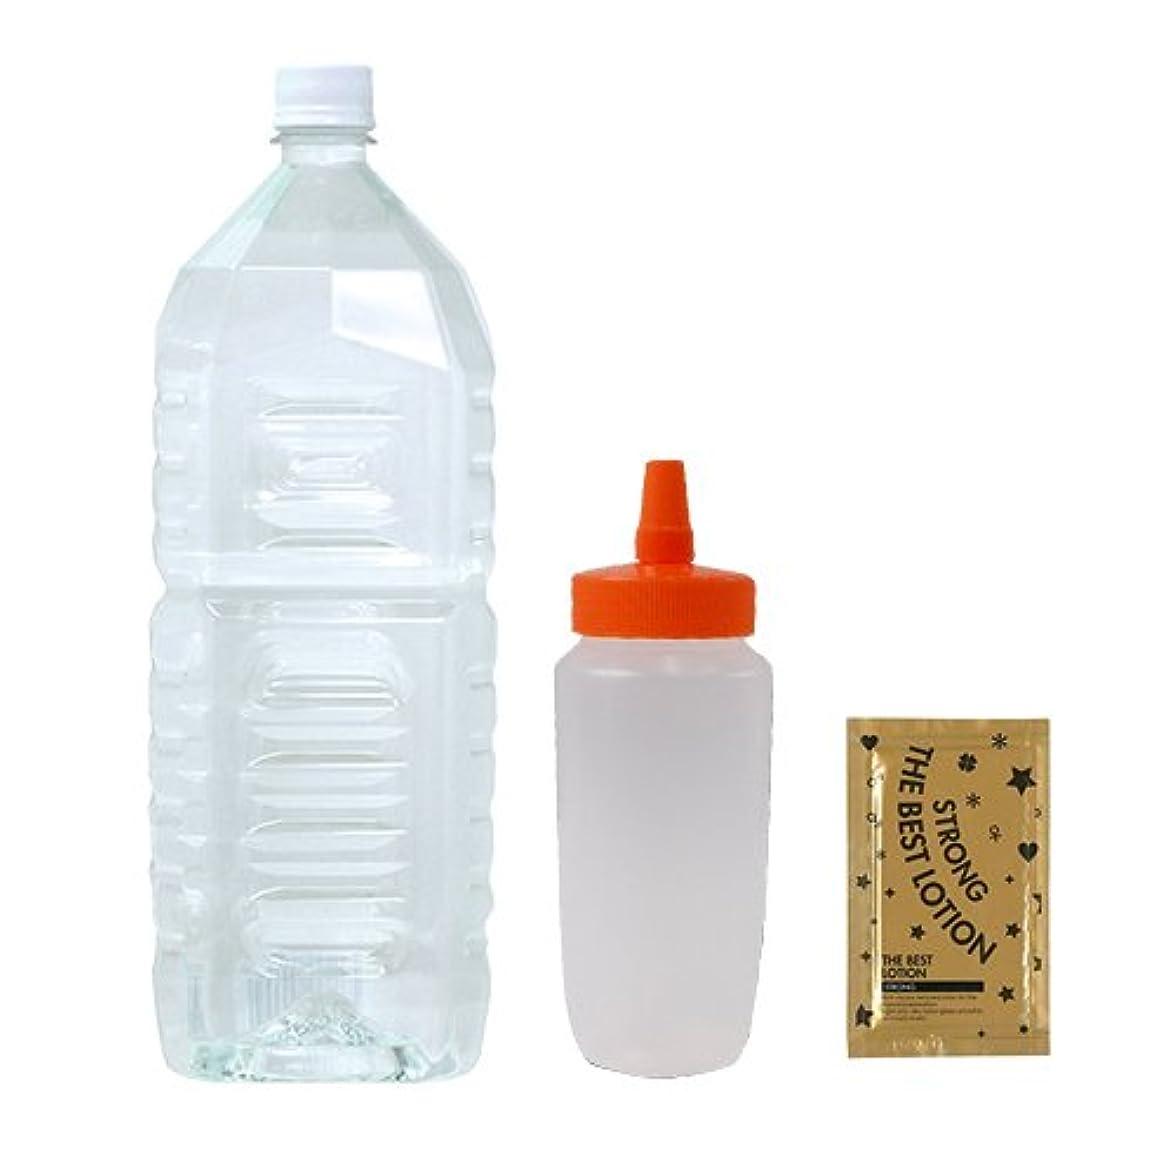 ステレオ無法者代わってクリアローション 2Lペットボトル ハードタイプ(5倍濃縮原液)+ はちみつ容器360ml(オレンジキャップ)+ ベストローションストロング 1包付き セット